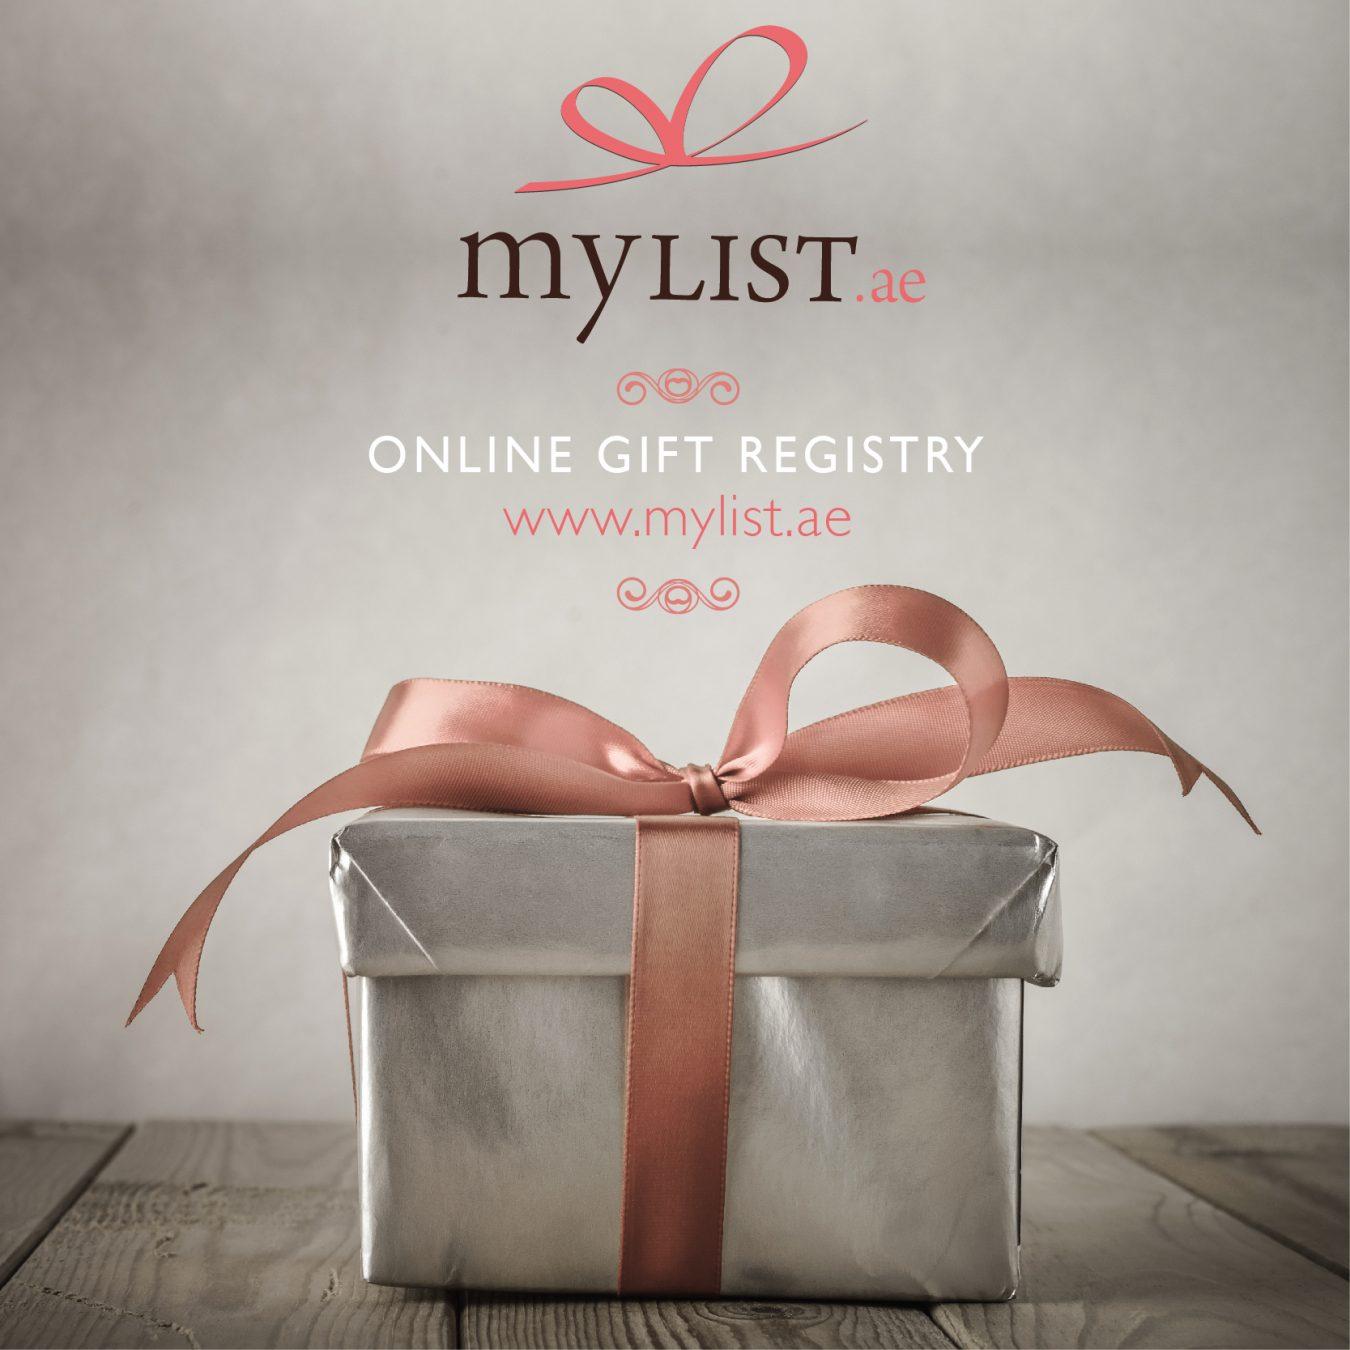 mylist.ae online gift registry